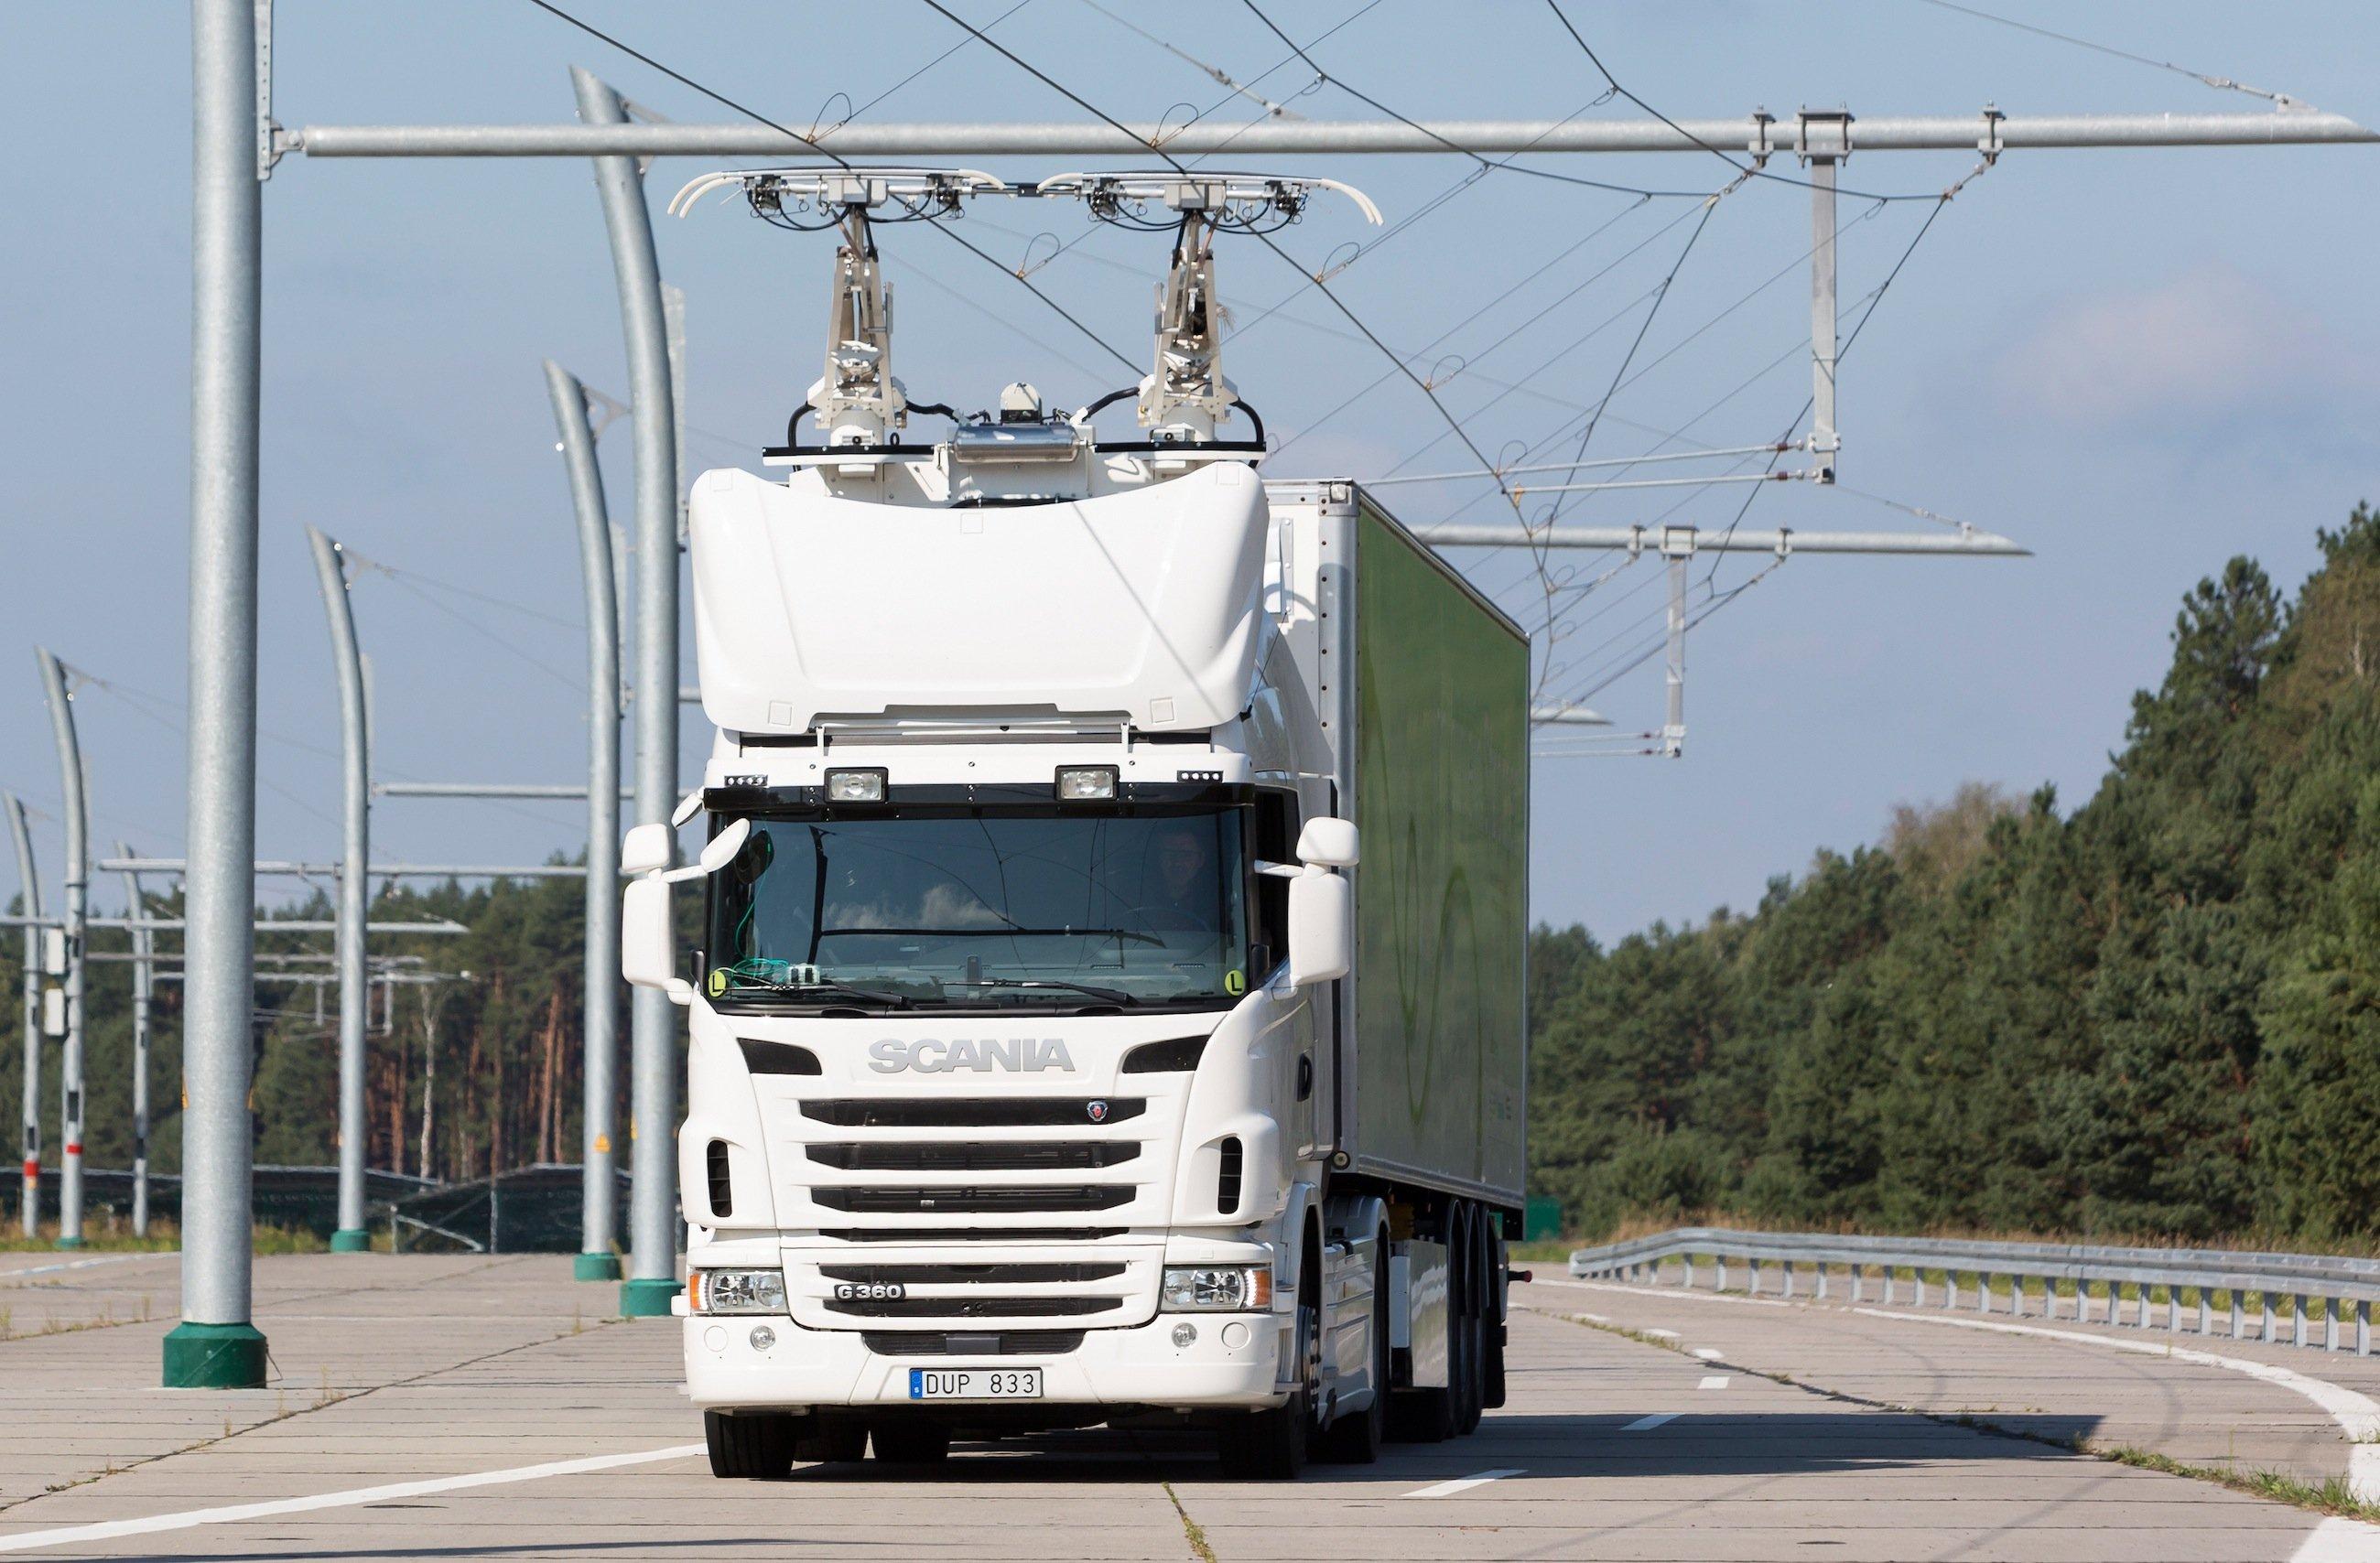 Scania-Lkw mit Hybridantrieb auf der eHighway-Teststrecke in Groß Dölln im Landkreis Uckermark in Brandenburg: Jetzt will Siemens seine Hybridtechnik auf einer Autobahn in Schweden im Praxiseinsatz testen.